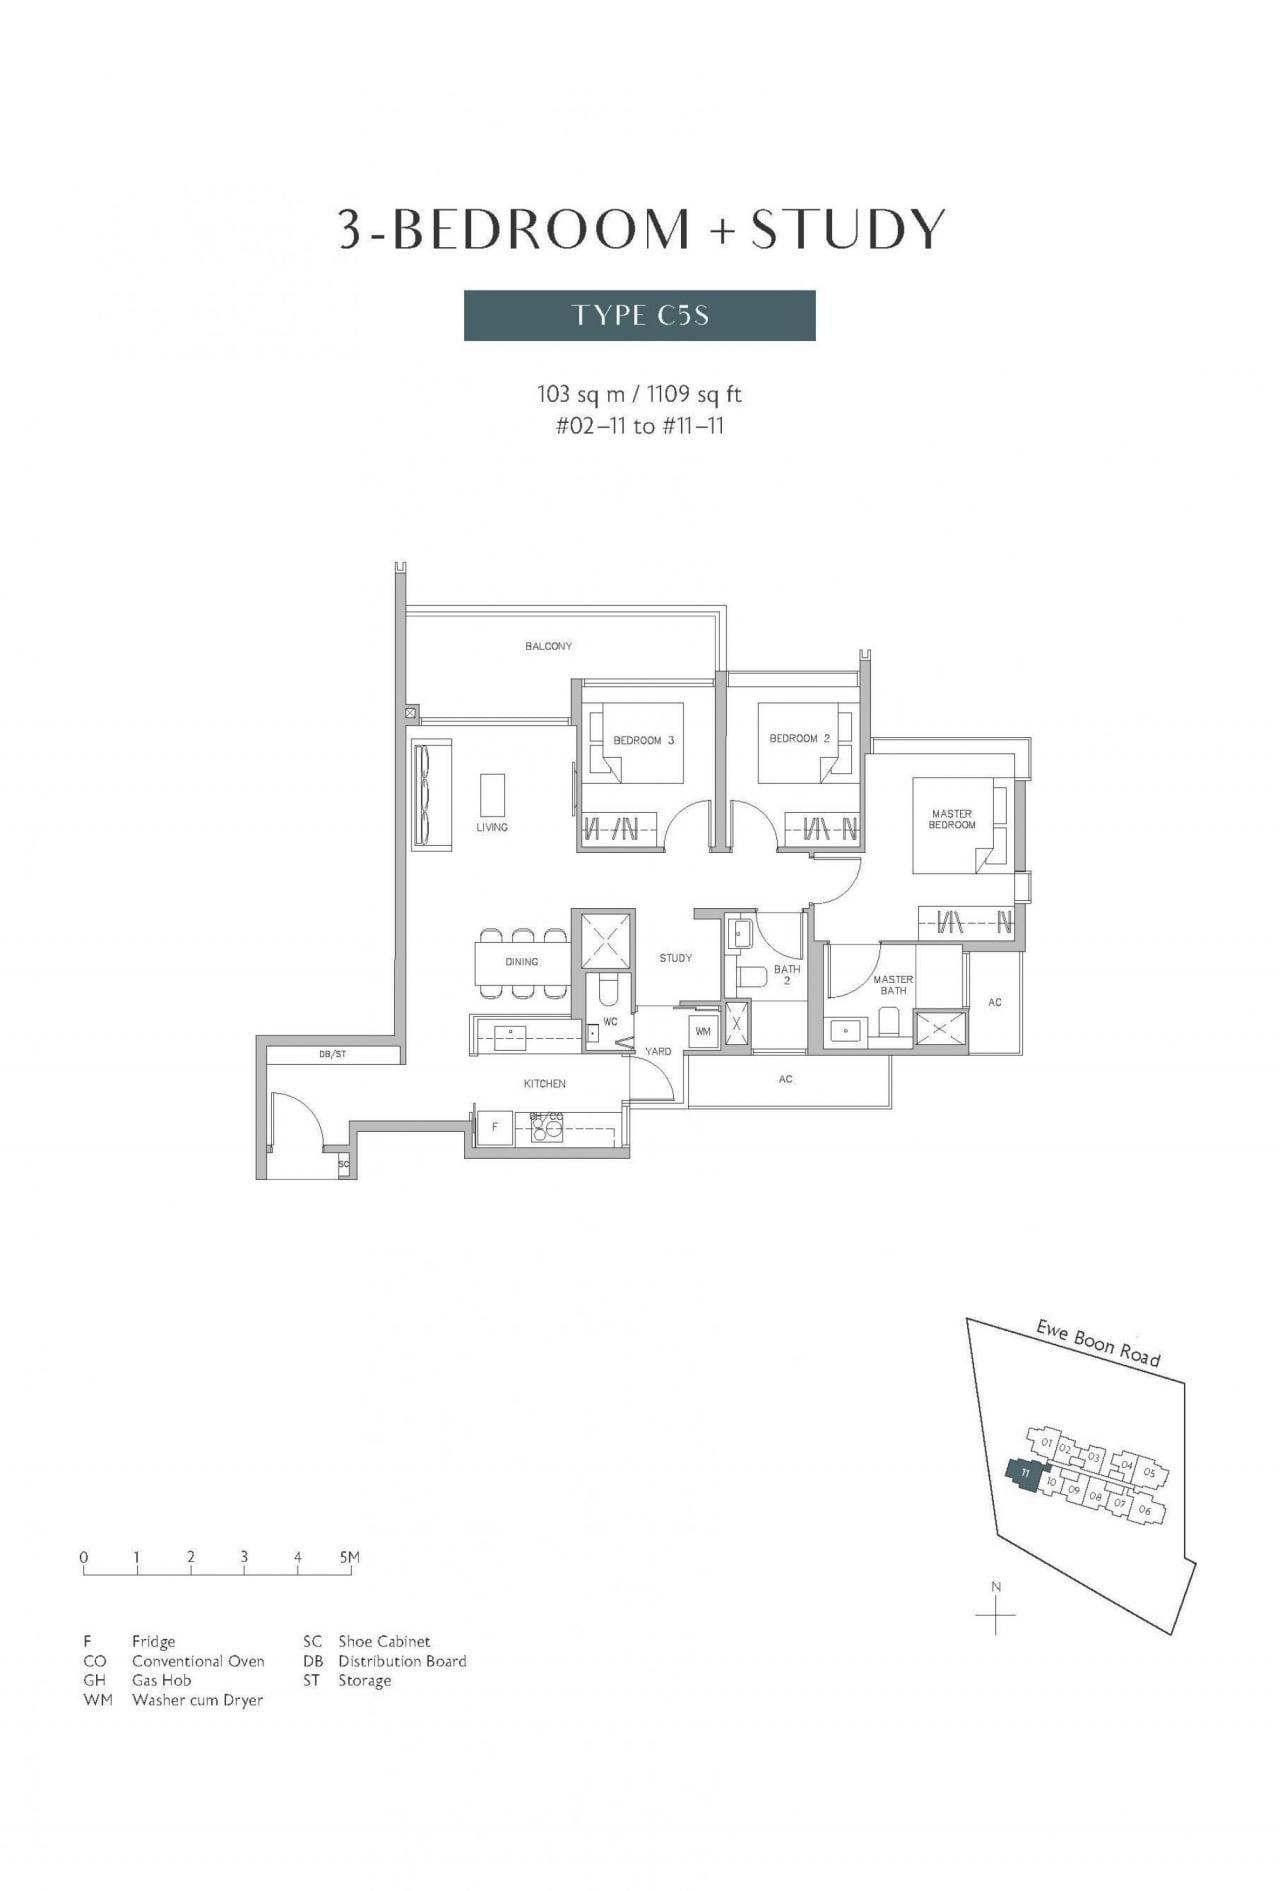 Juniper-Hill-floor plan 3BR C5S